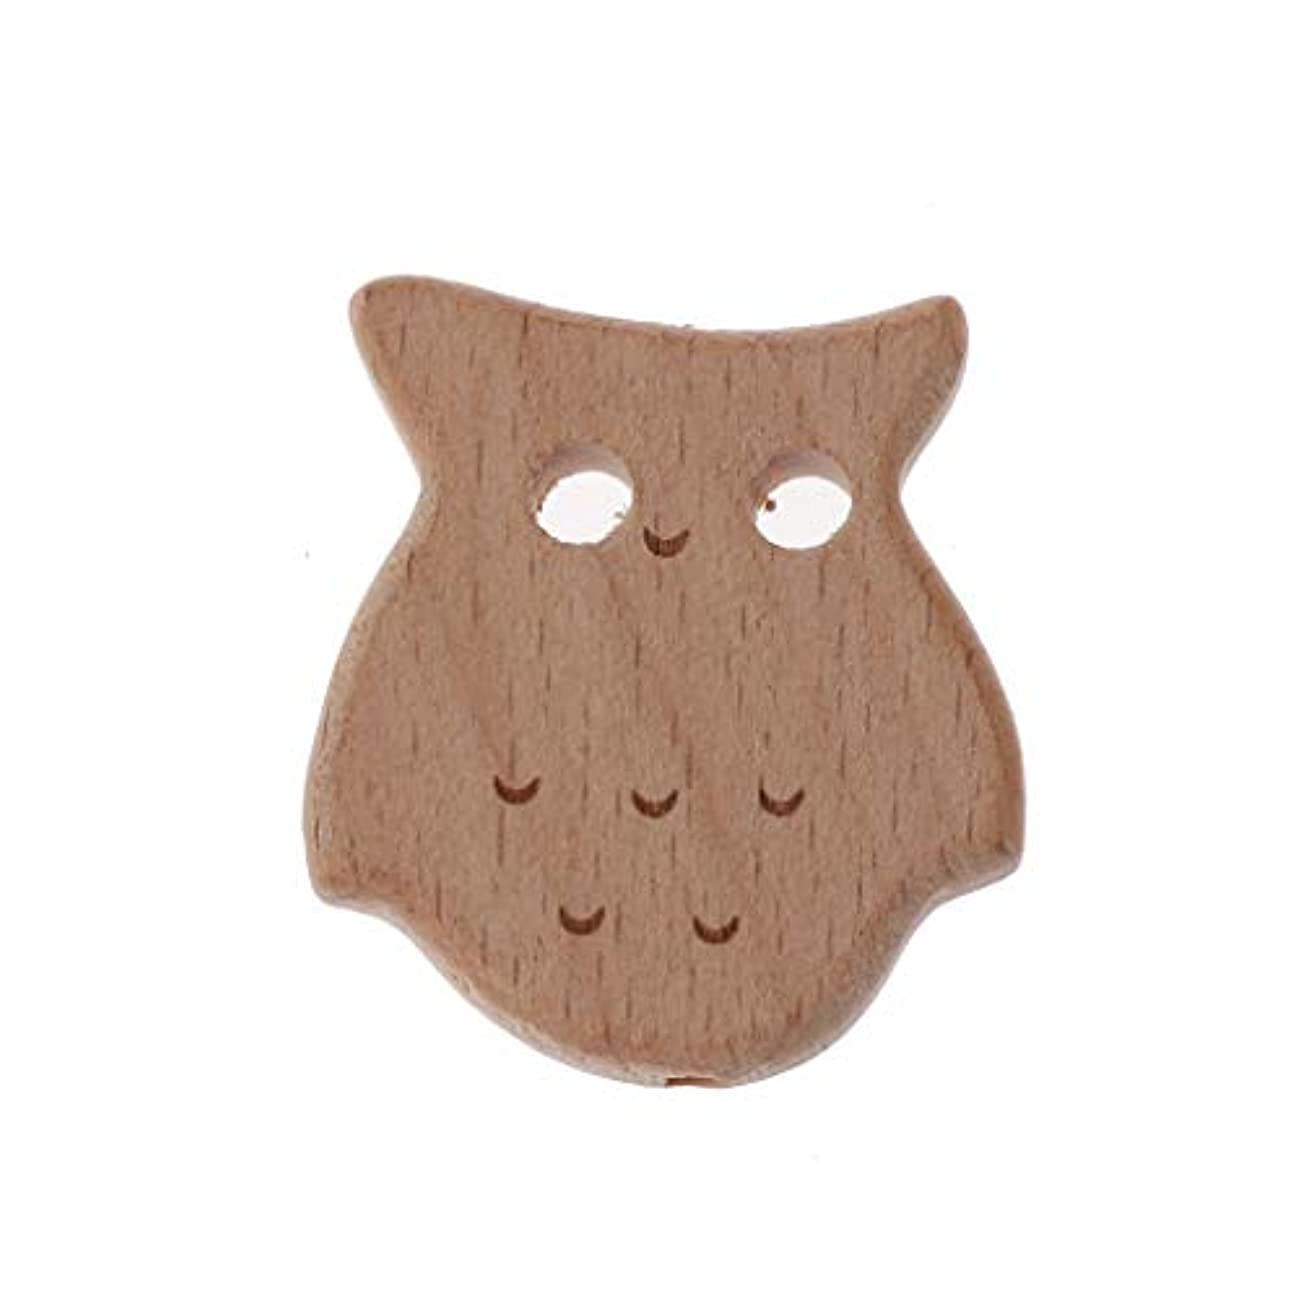 腹痛オーケストラ我慢するLandwoodウッド歯が生えるビーズニレ動物ビーズ赤ちゃんのおもちゃDIYおしゃぶりチェーンアクセサリー - フクロウ